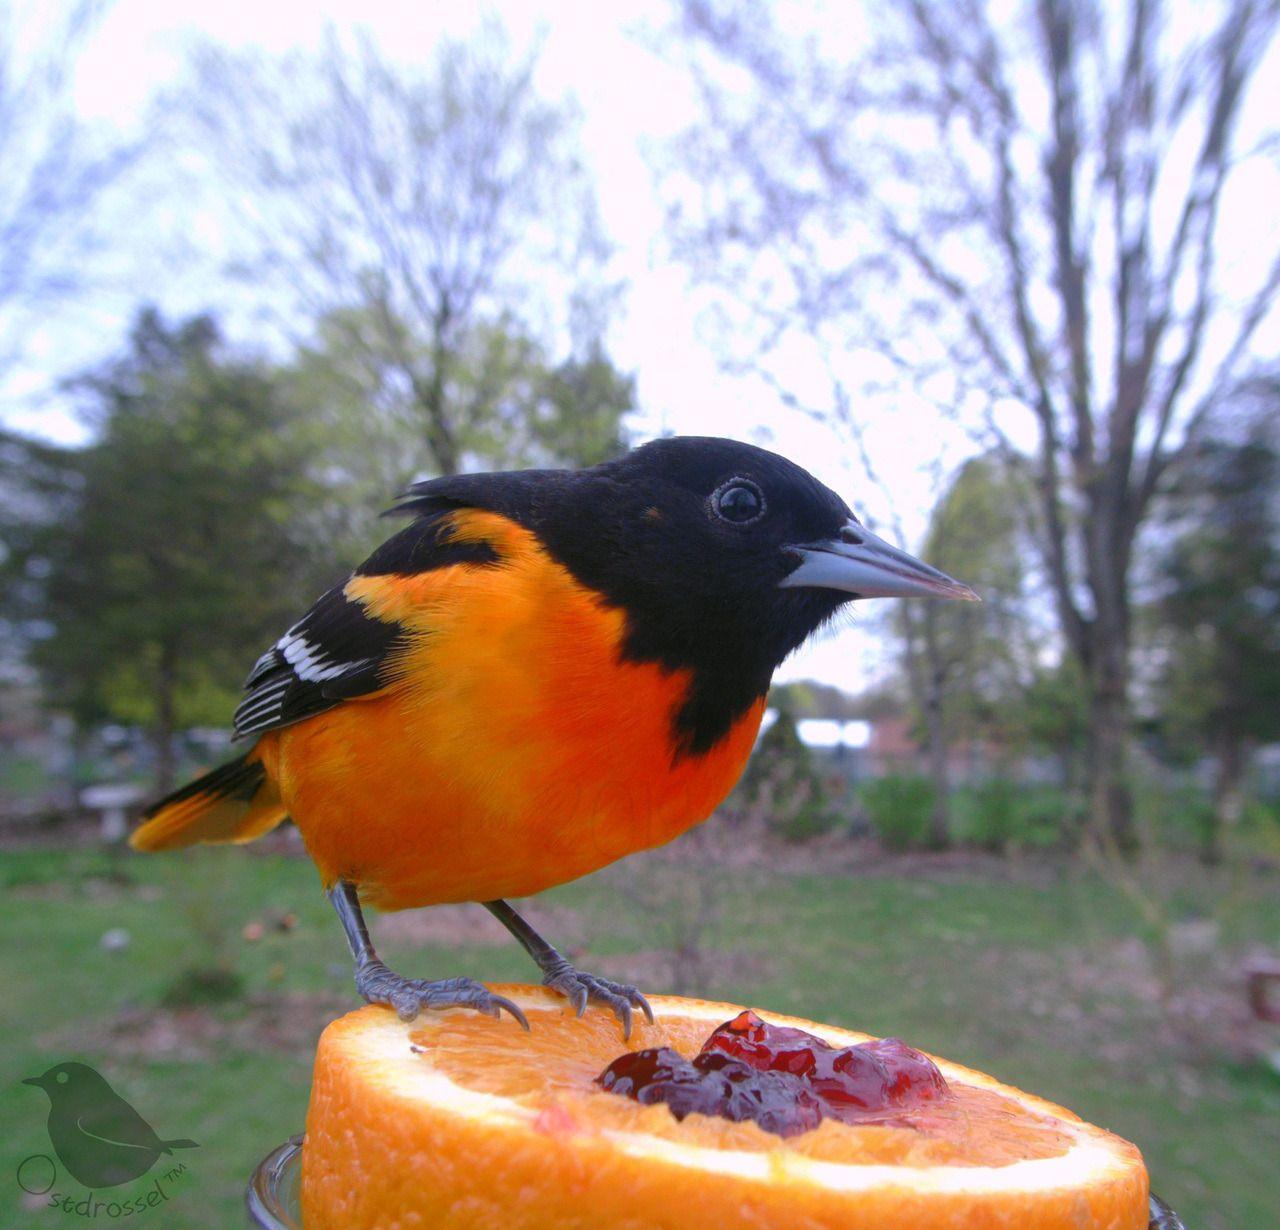 Ostdrossel™ Bird watching, Bird photography, Australian